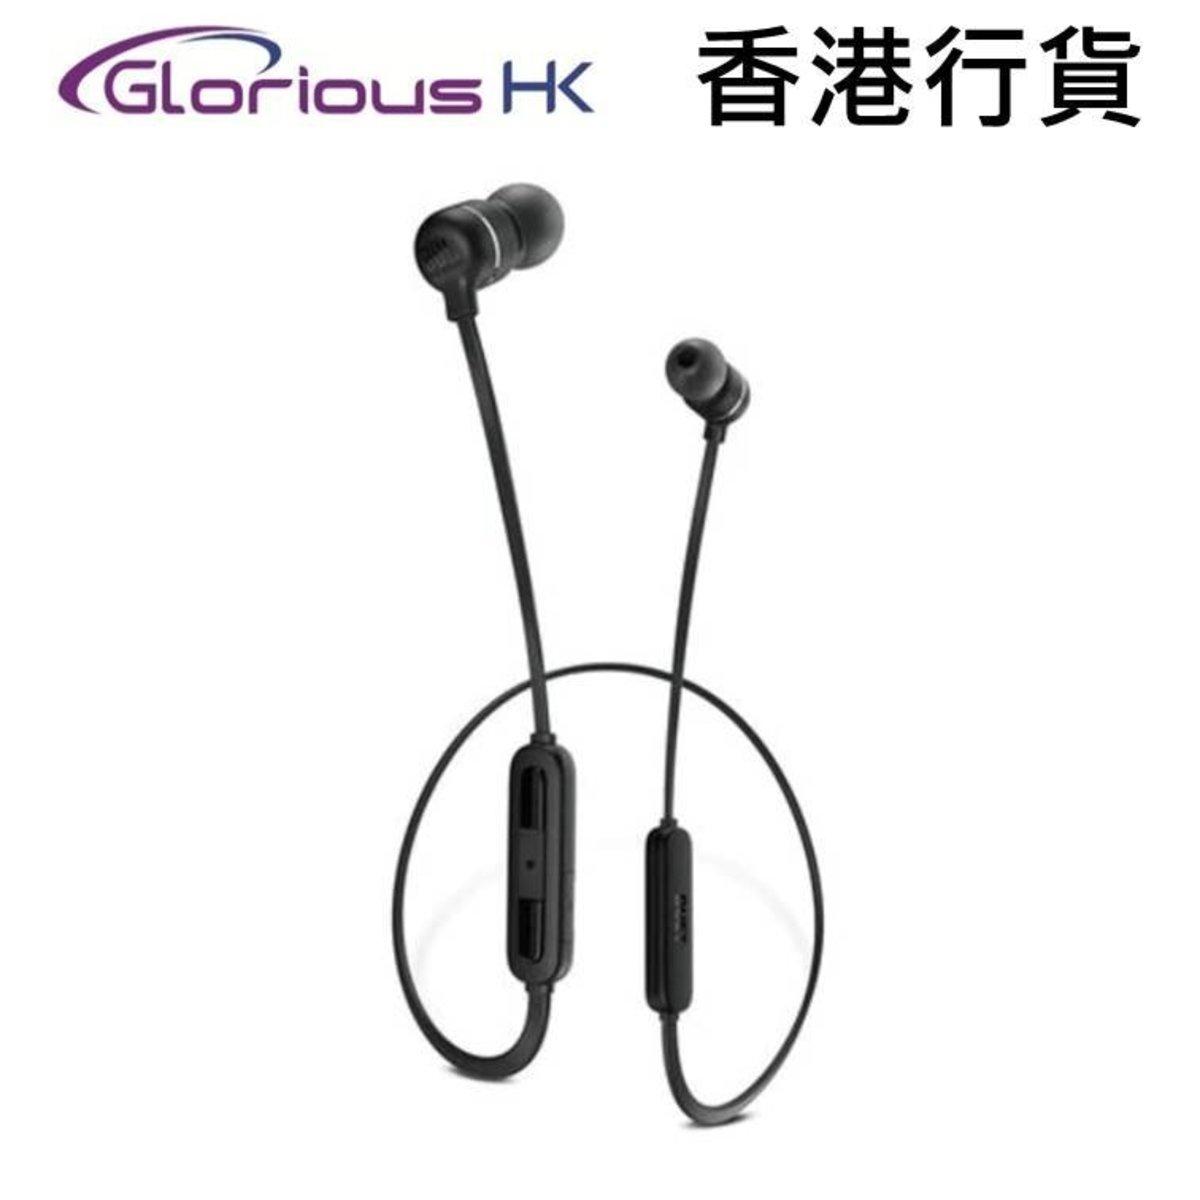 DUET Mini 2 Wireless in-ear headphones Black